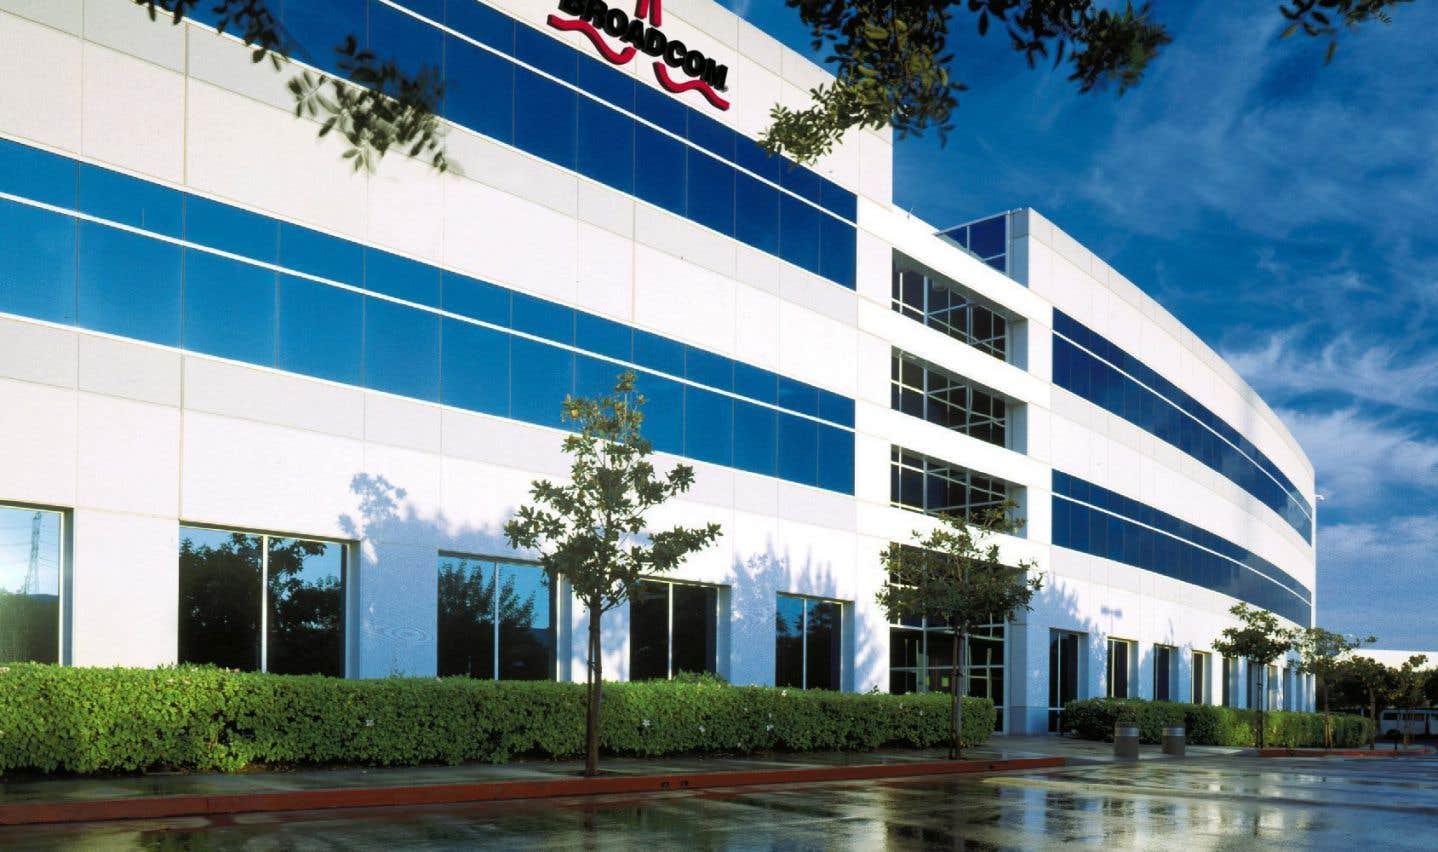 En novembre dernier, le conseil d'administration de Qualcomm a rejeté l'offre non sollicitée de son concurrent, évaluée à 130 milliards en incluant la dette.